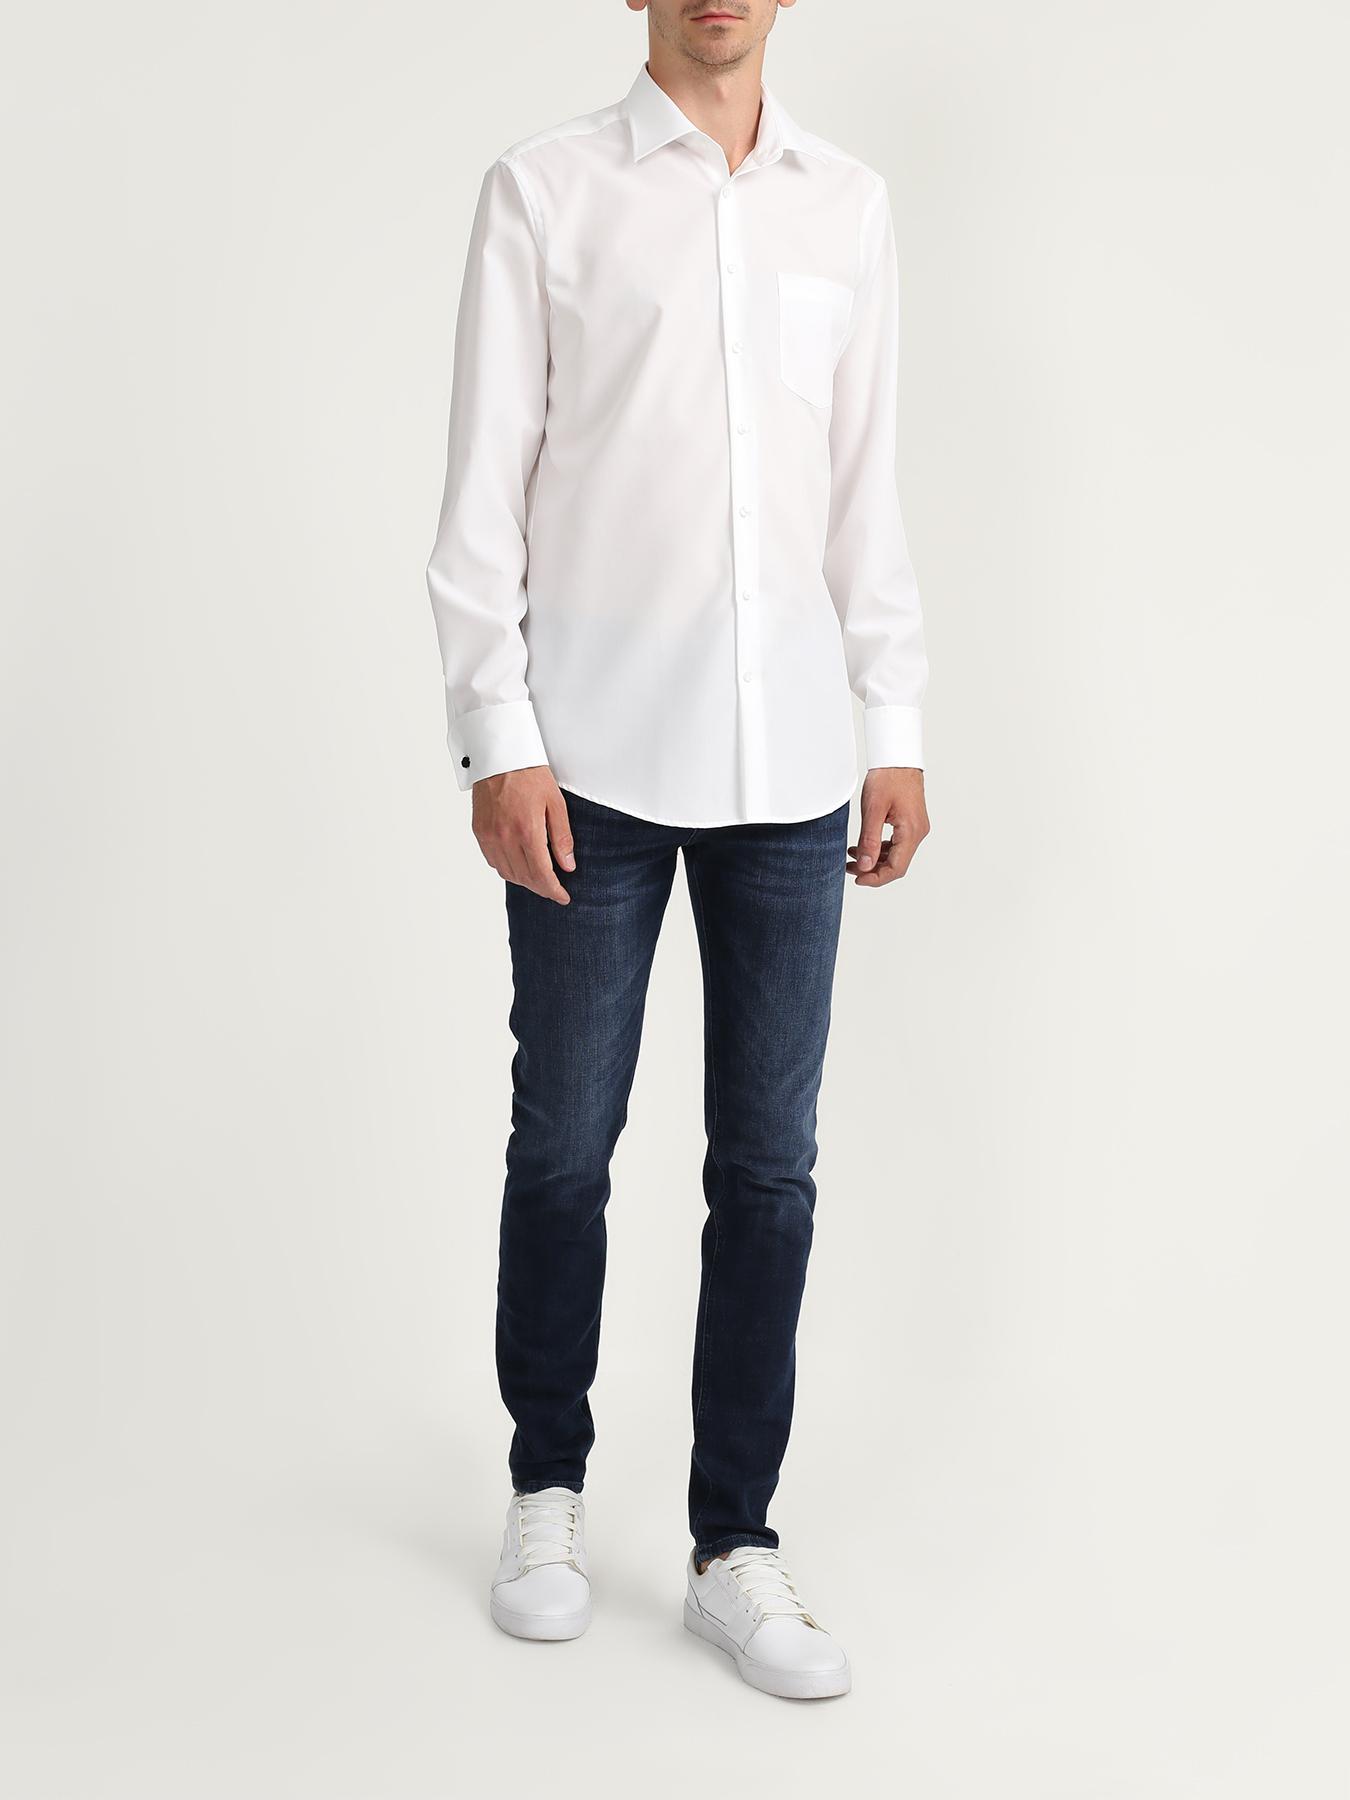 Фото - Рубашка Seidensticker Хлопковая рубашка с карманом рубашка lime рубашка с карманом